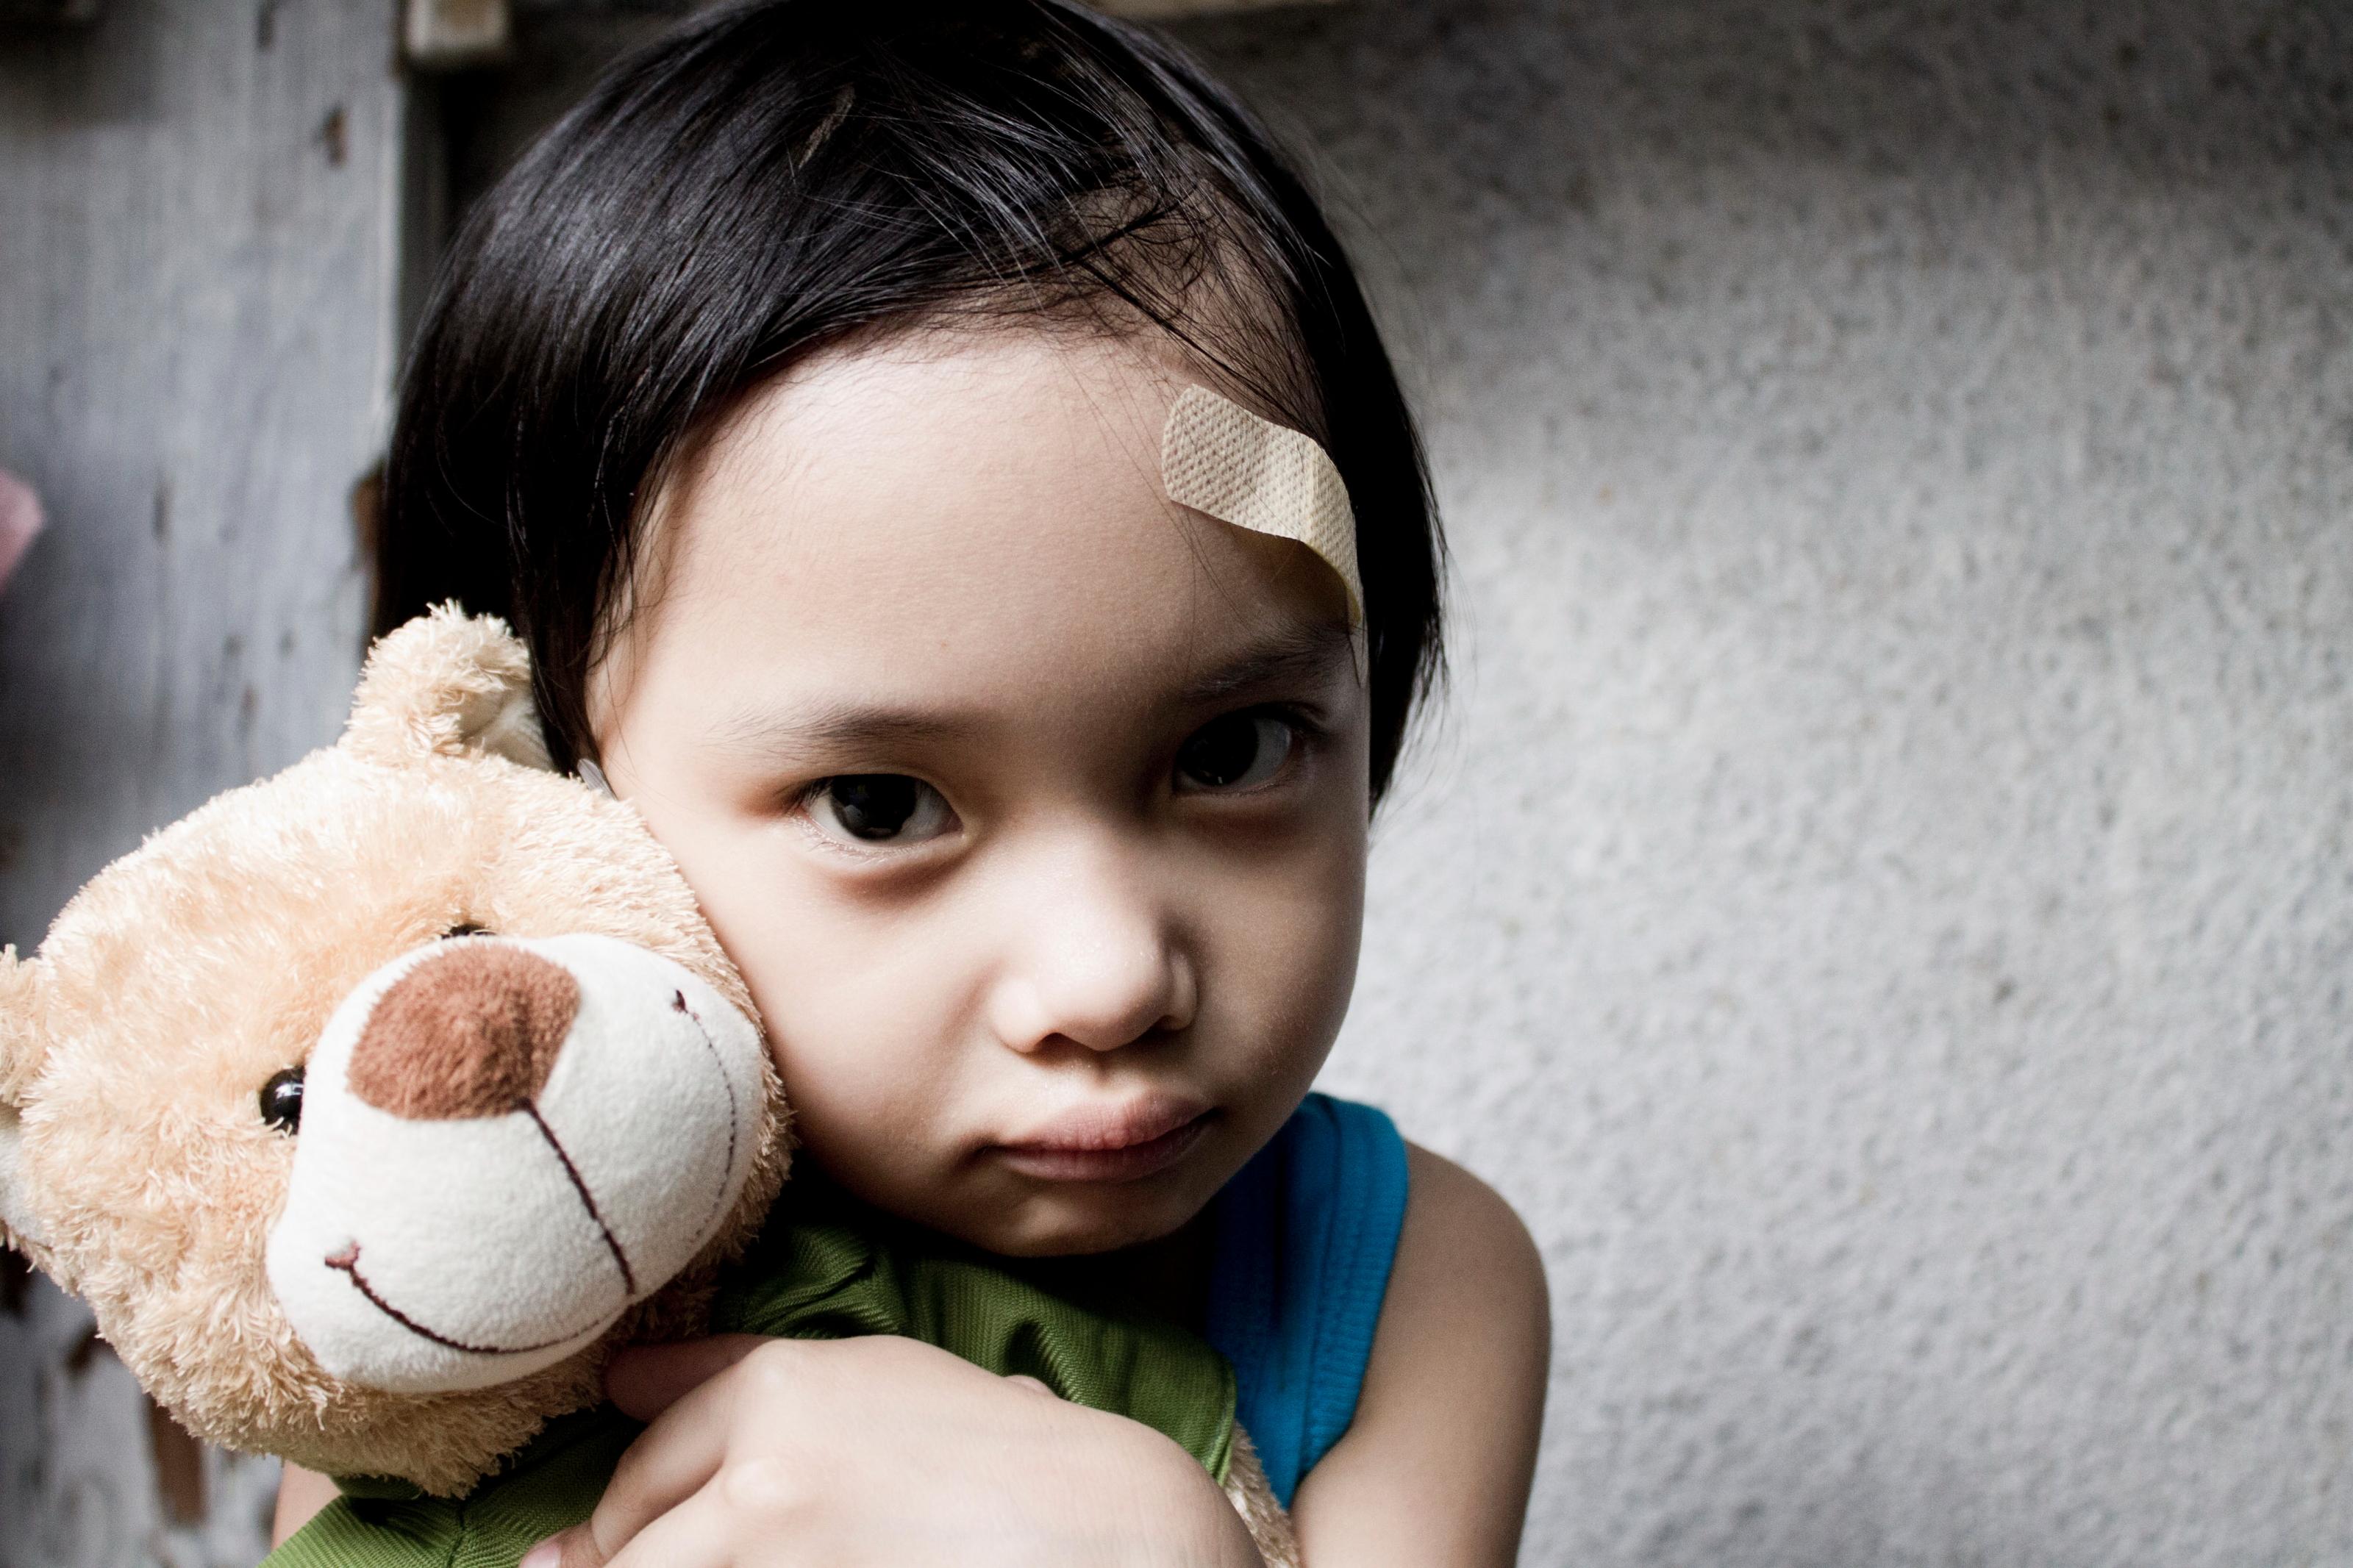 13 yaşındaki kız çocuğunun sodasına uyku ilacı attı! Sonrası rezillik... Mahkemenin verdiği karar vicdan sızlattı!